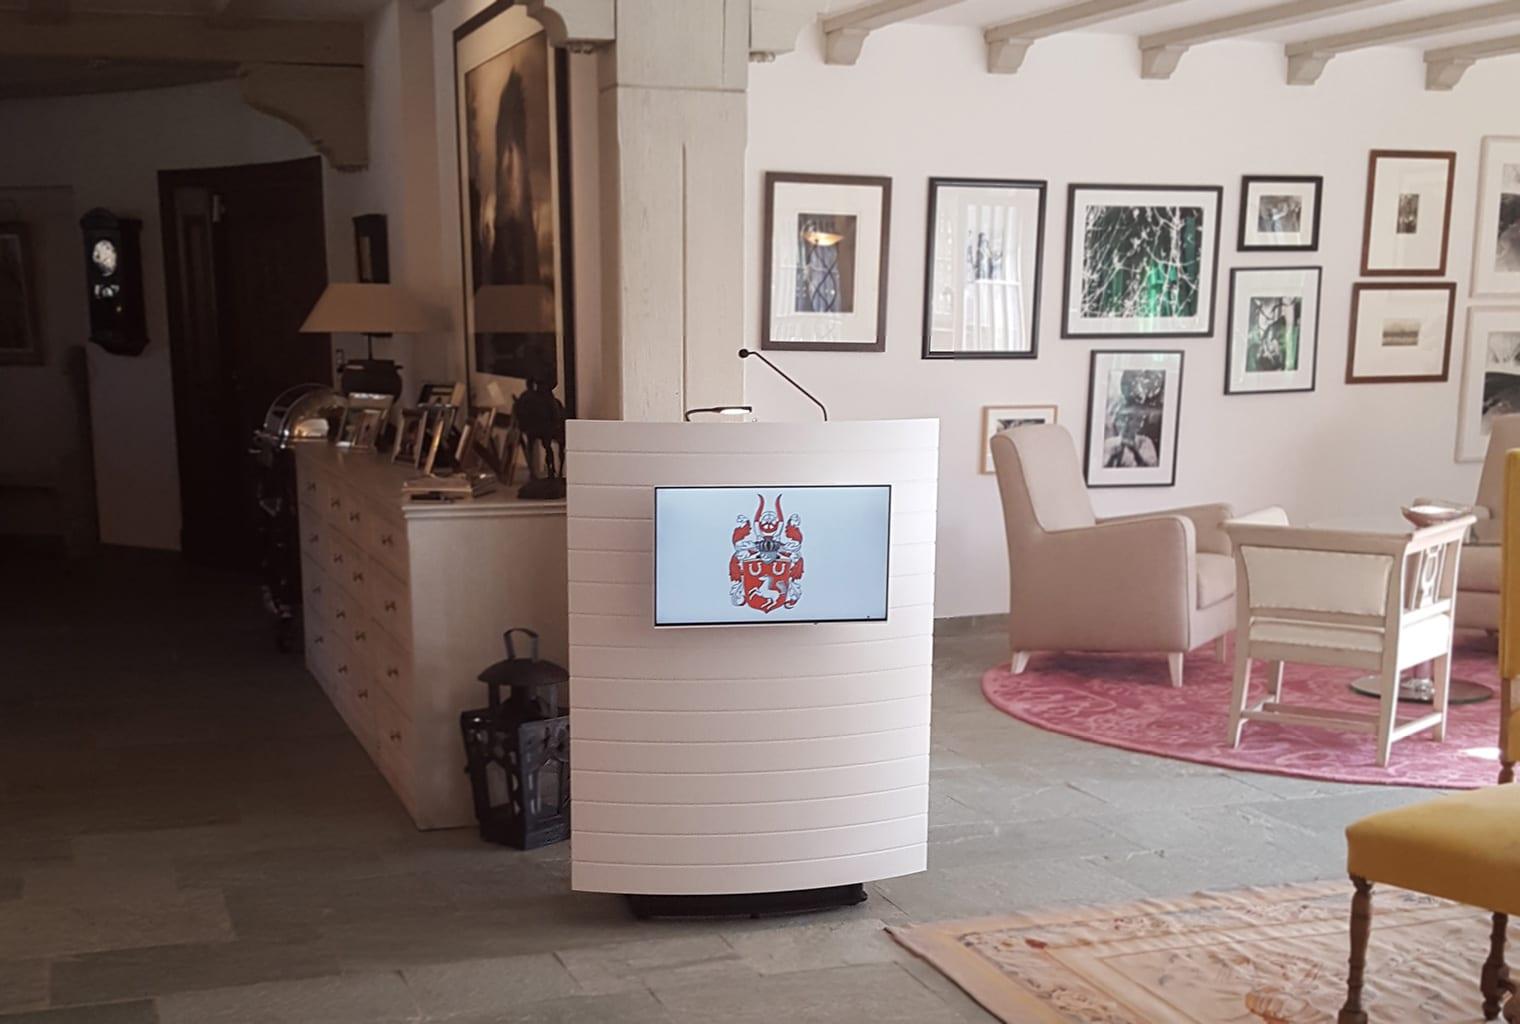 Das Gestüt Schafhof in Kronberg im Taunus erhält ein repräsentatives Rednerpult faircom parlament. Das Pult verfügt über eine strukturierter Frontplatte, Lampe und Mikrofon. Zusätzlich wurde ein Display an der Frontblende angebracht.